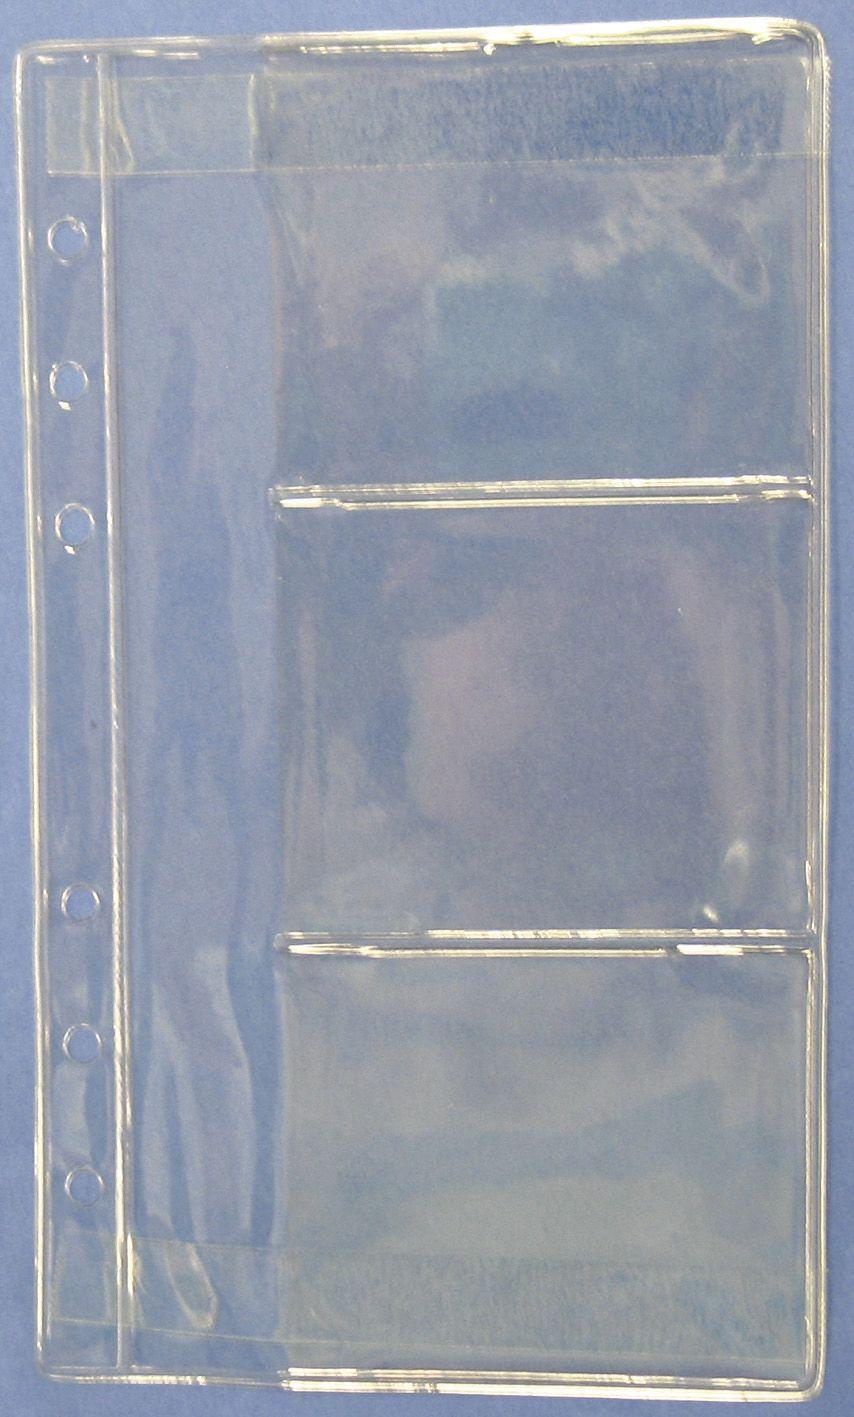 Bsb 02 0064 Ersatzhülle Kompakt A6 4er Pack Für